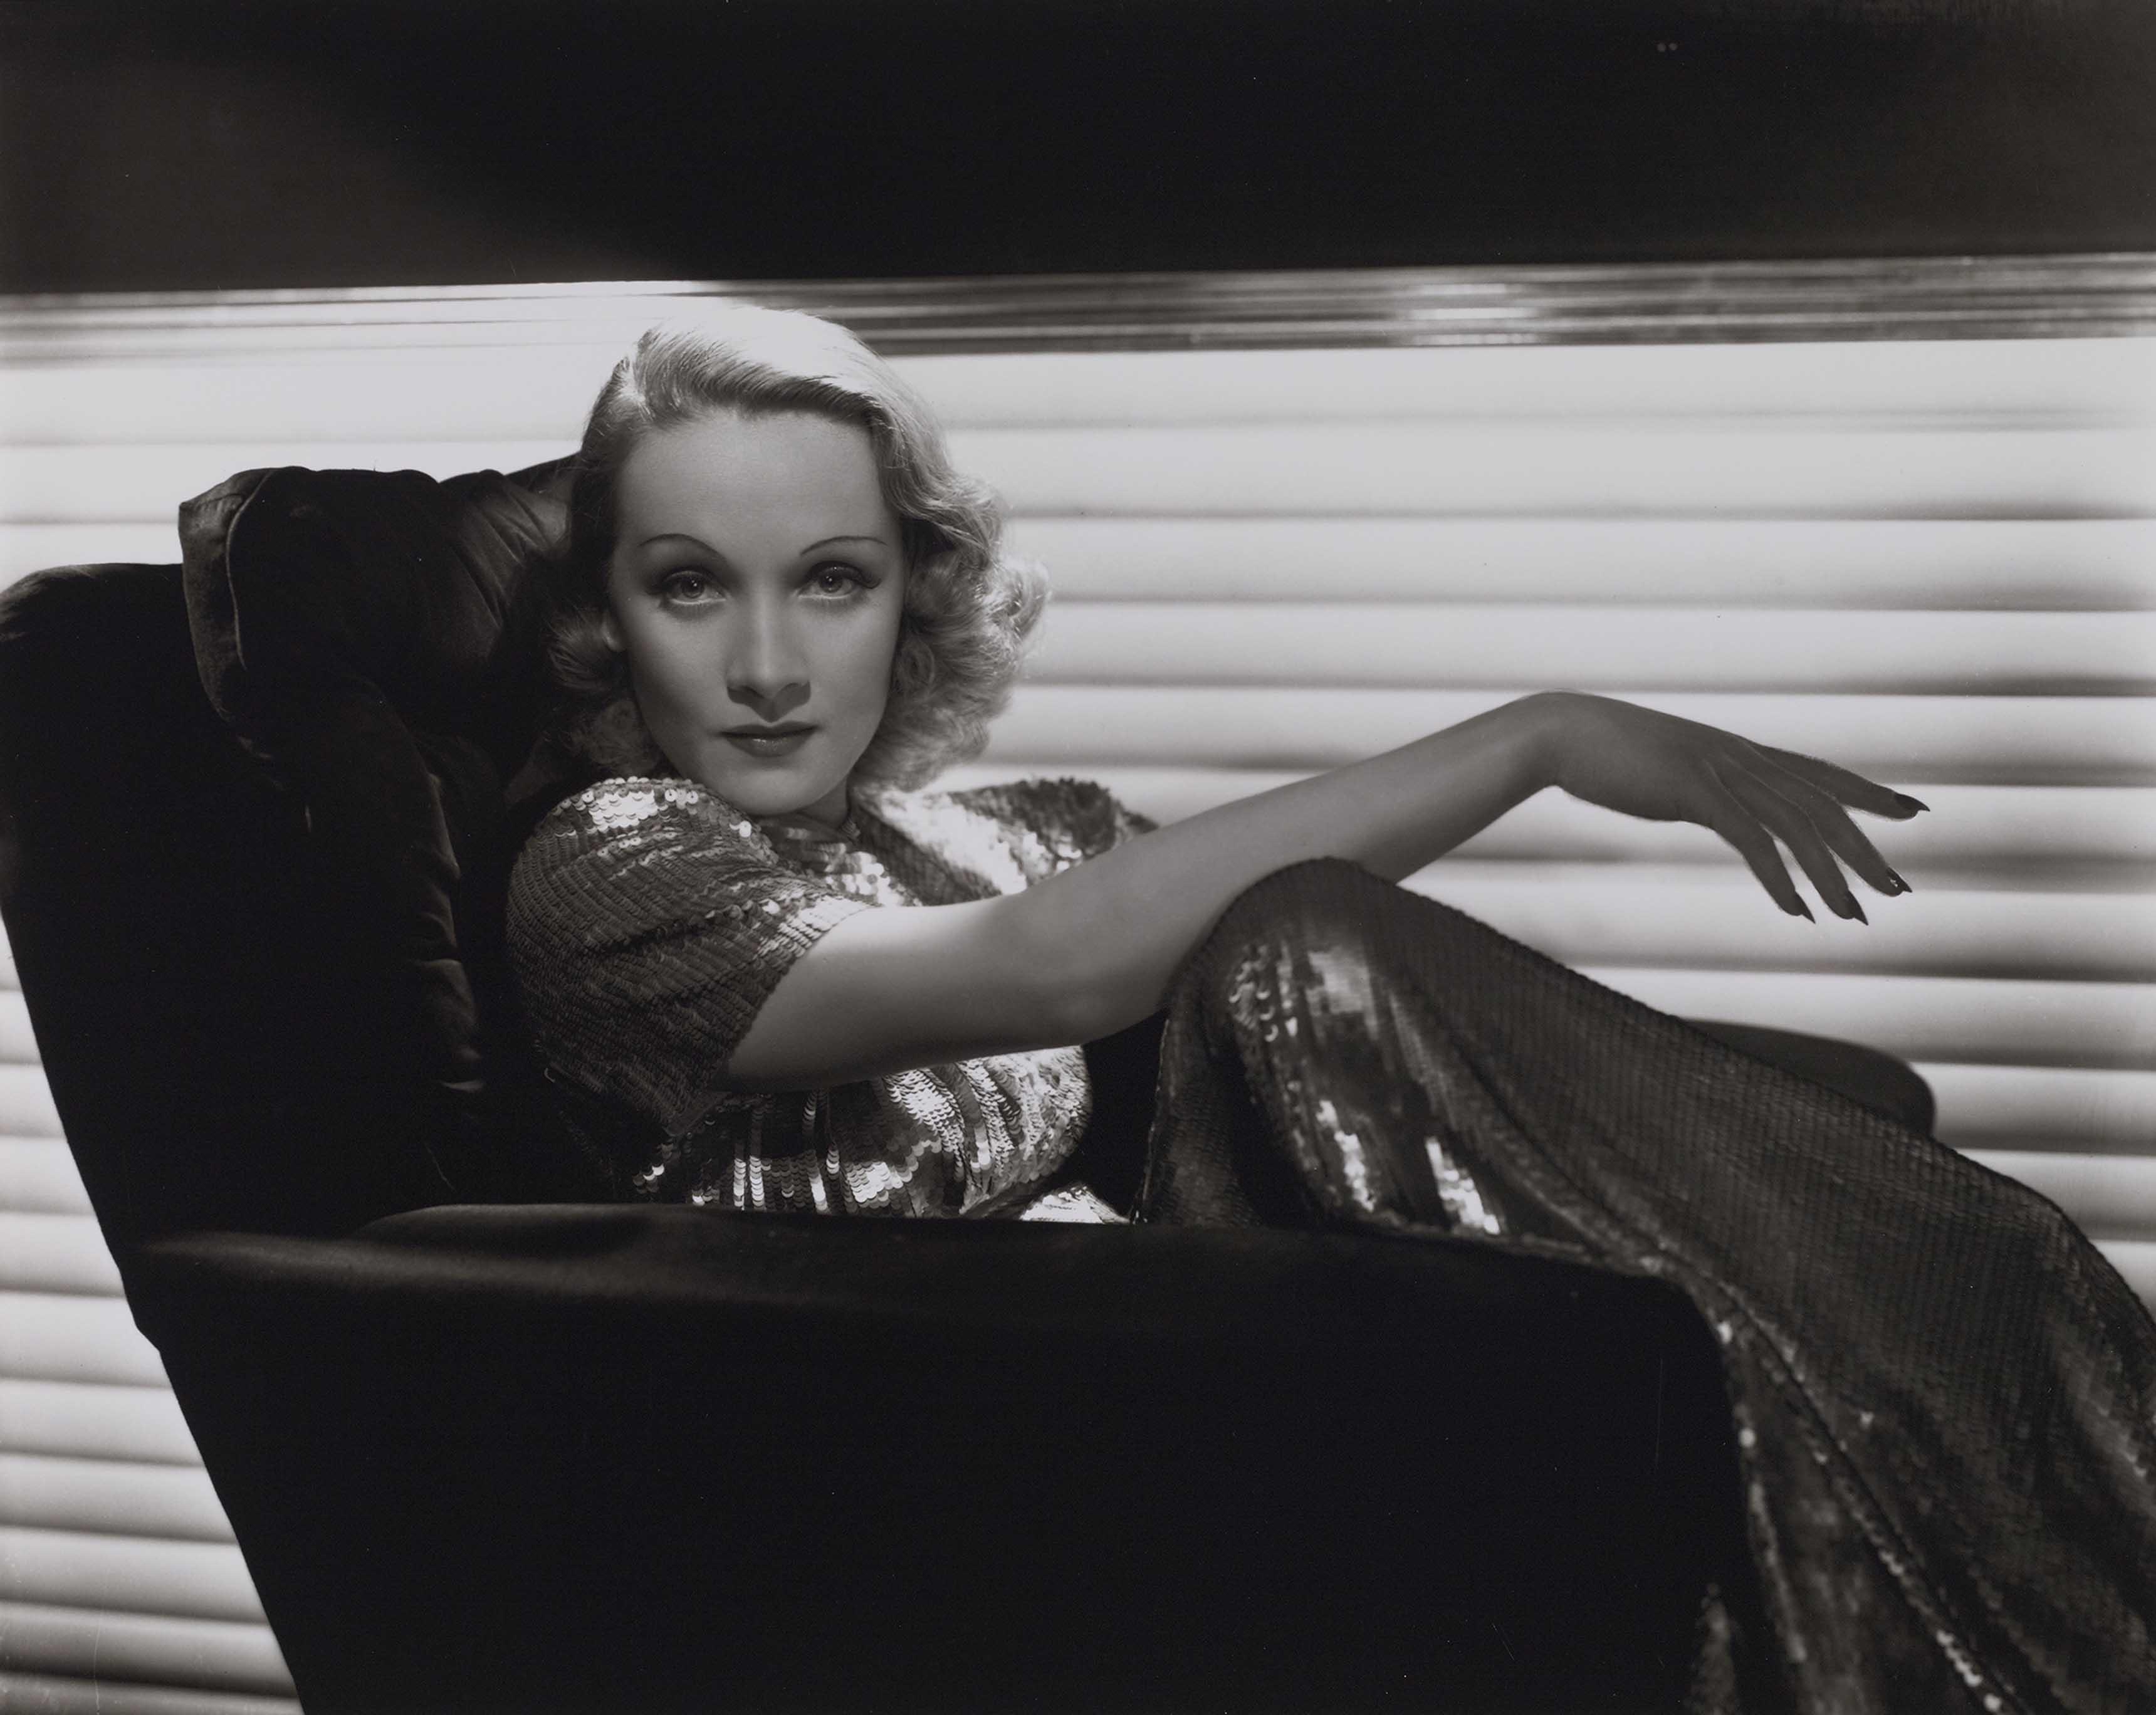 George Hurrell Marlene Dietrich, vers 1935-1936 © Bridgeman Images